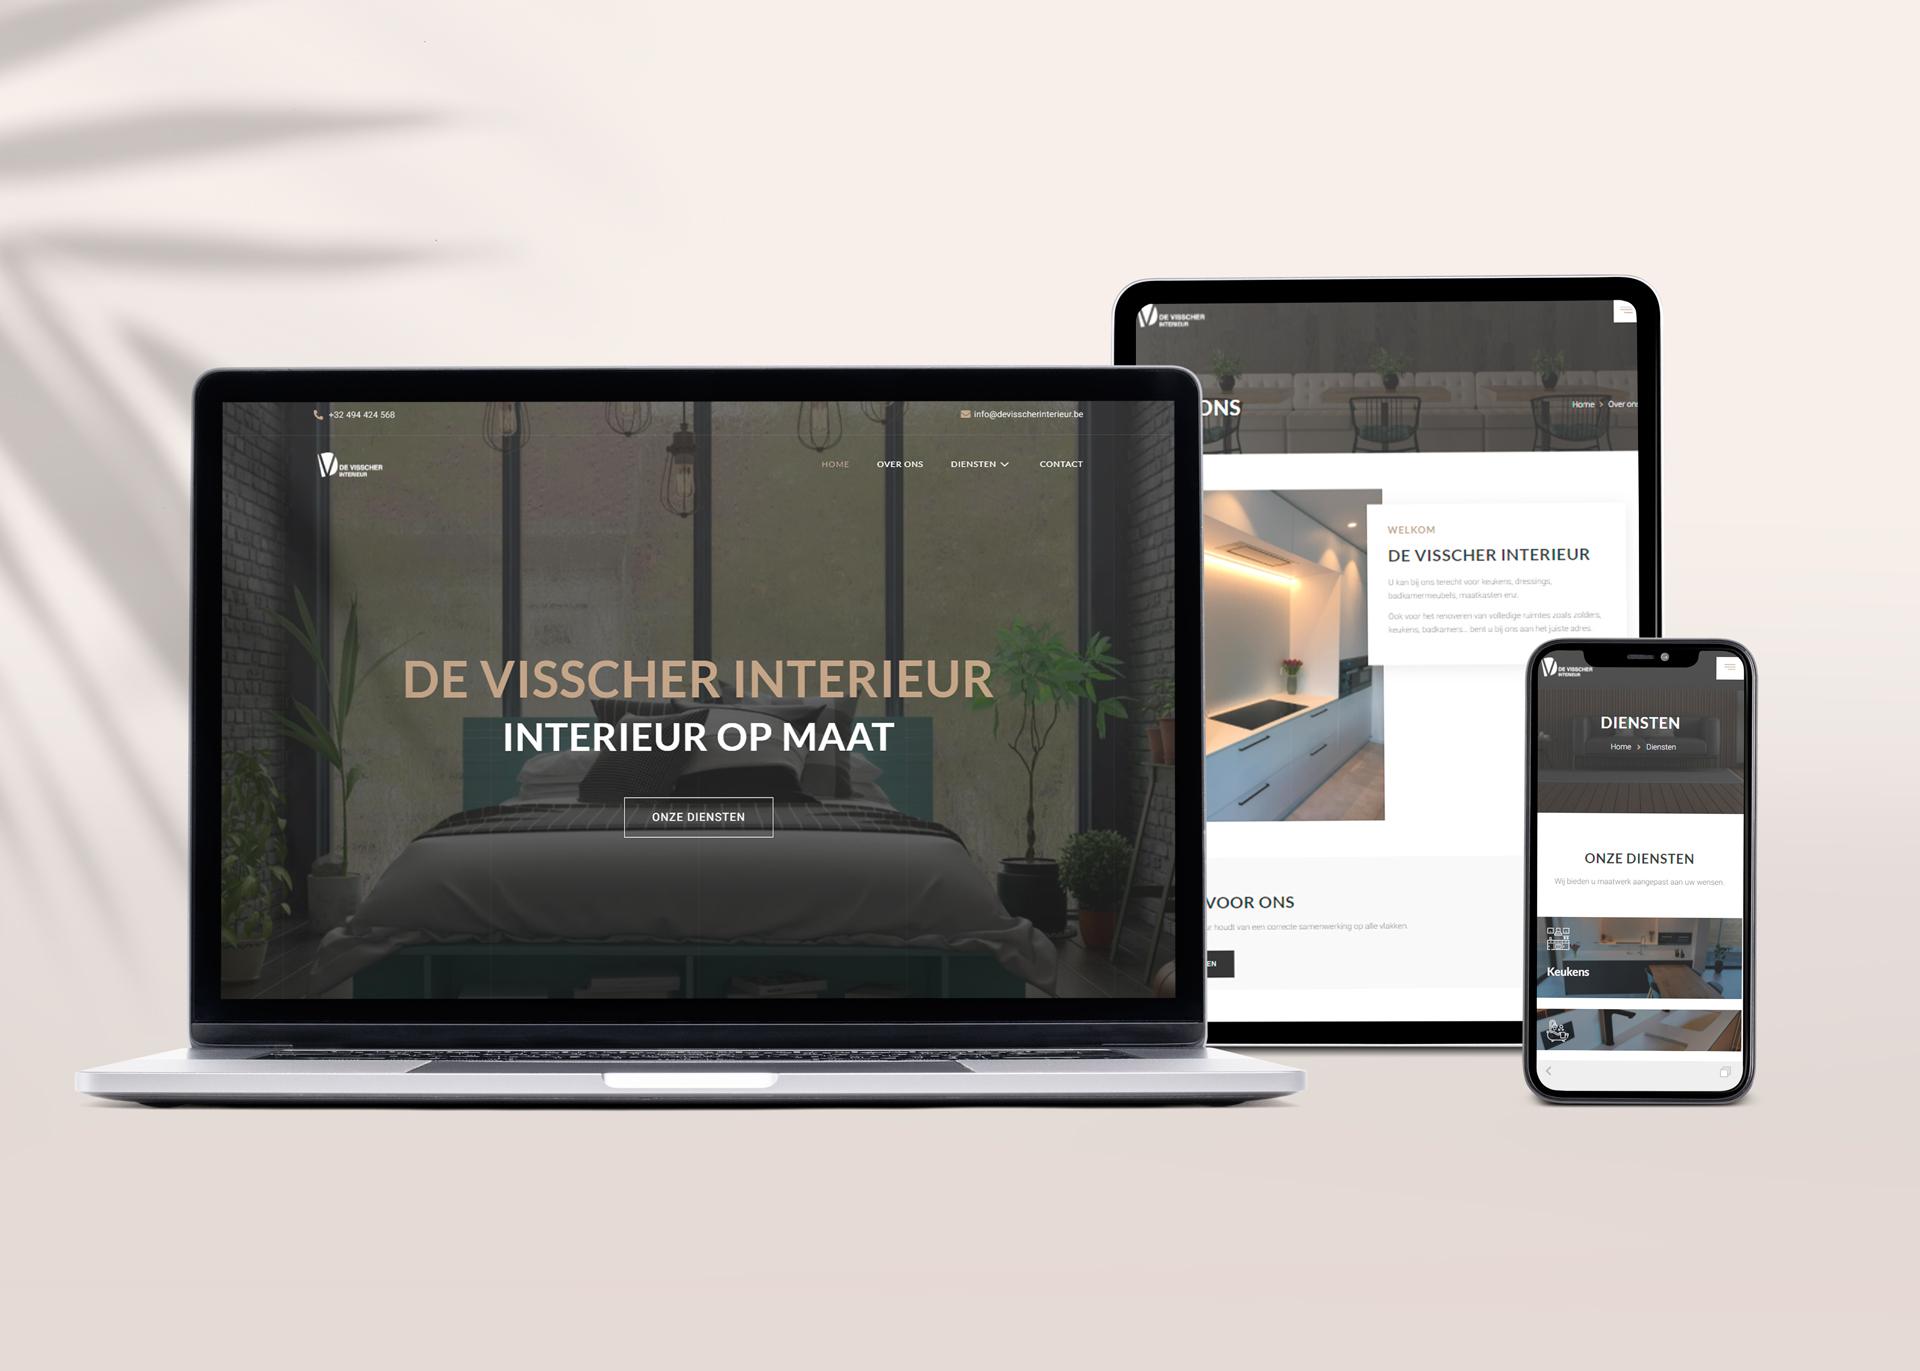 Devisscherinterieur_webshark